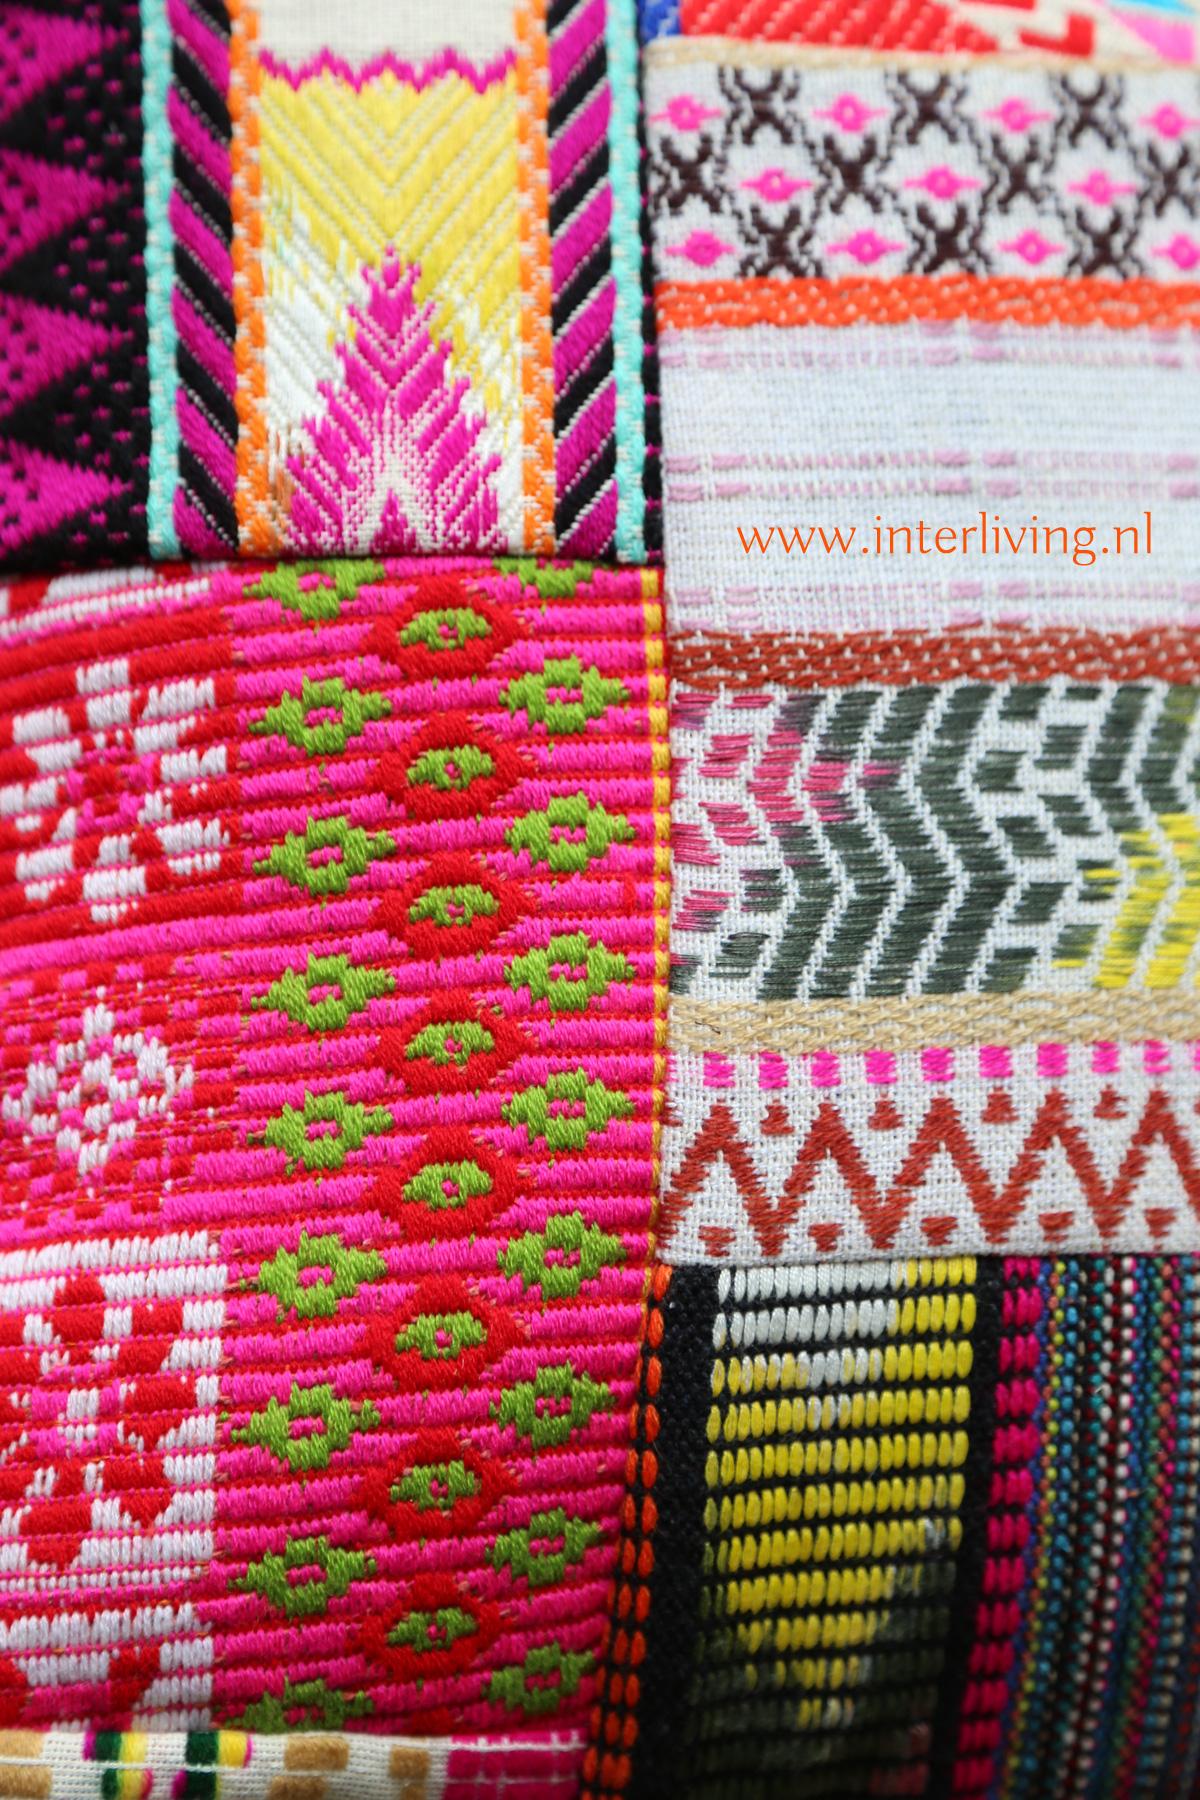 Ethnic patchwork kussen met gekleurd borduurwerk - vrolijke kleuren